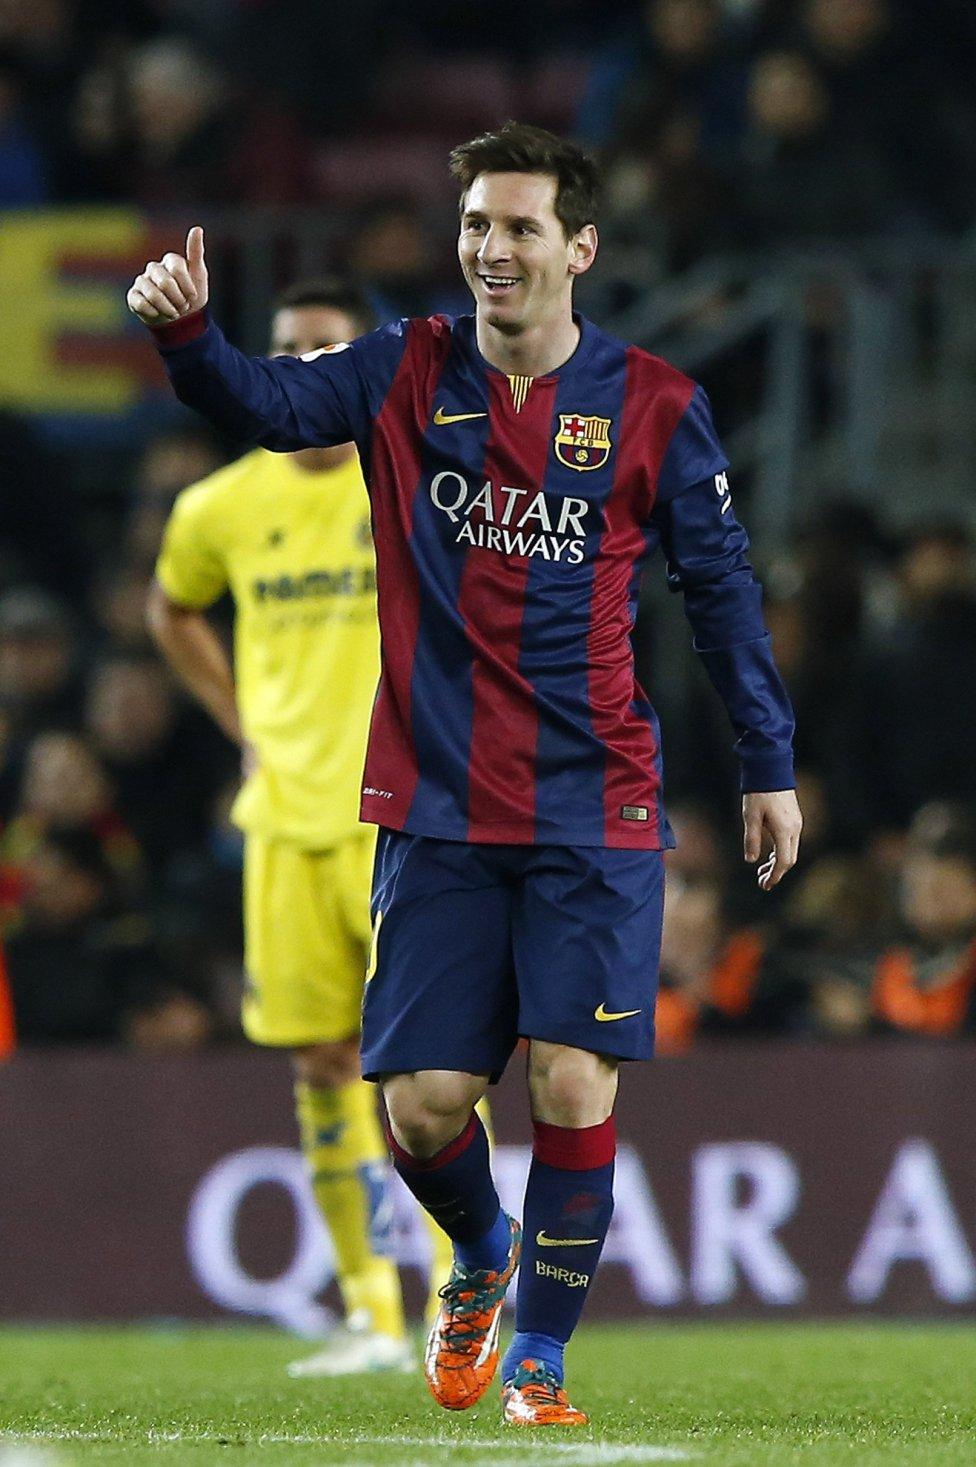 صور : مباراة برشلونة - فياريال 3-1 ( 11-02-2015 ) 1423680612_532186_1423684930_album_grande